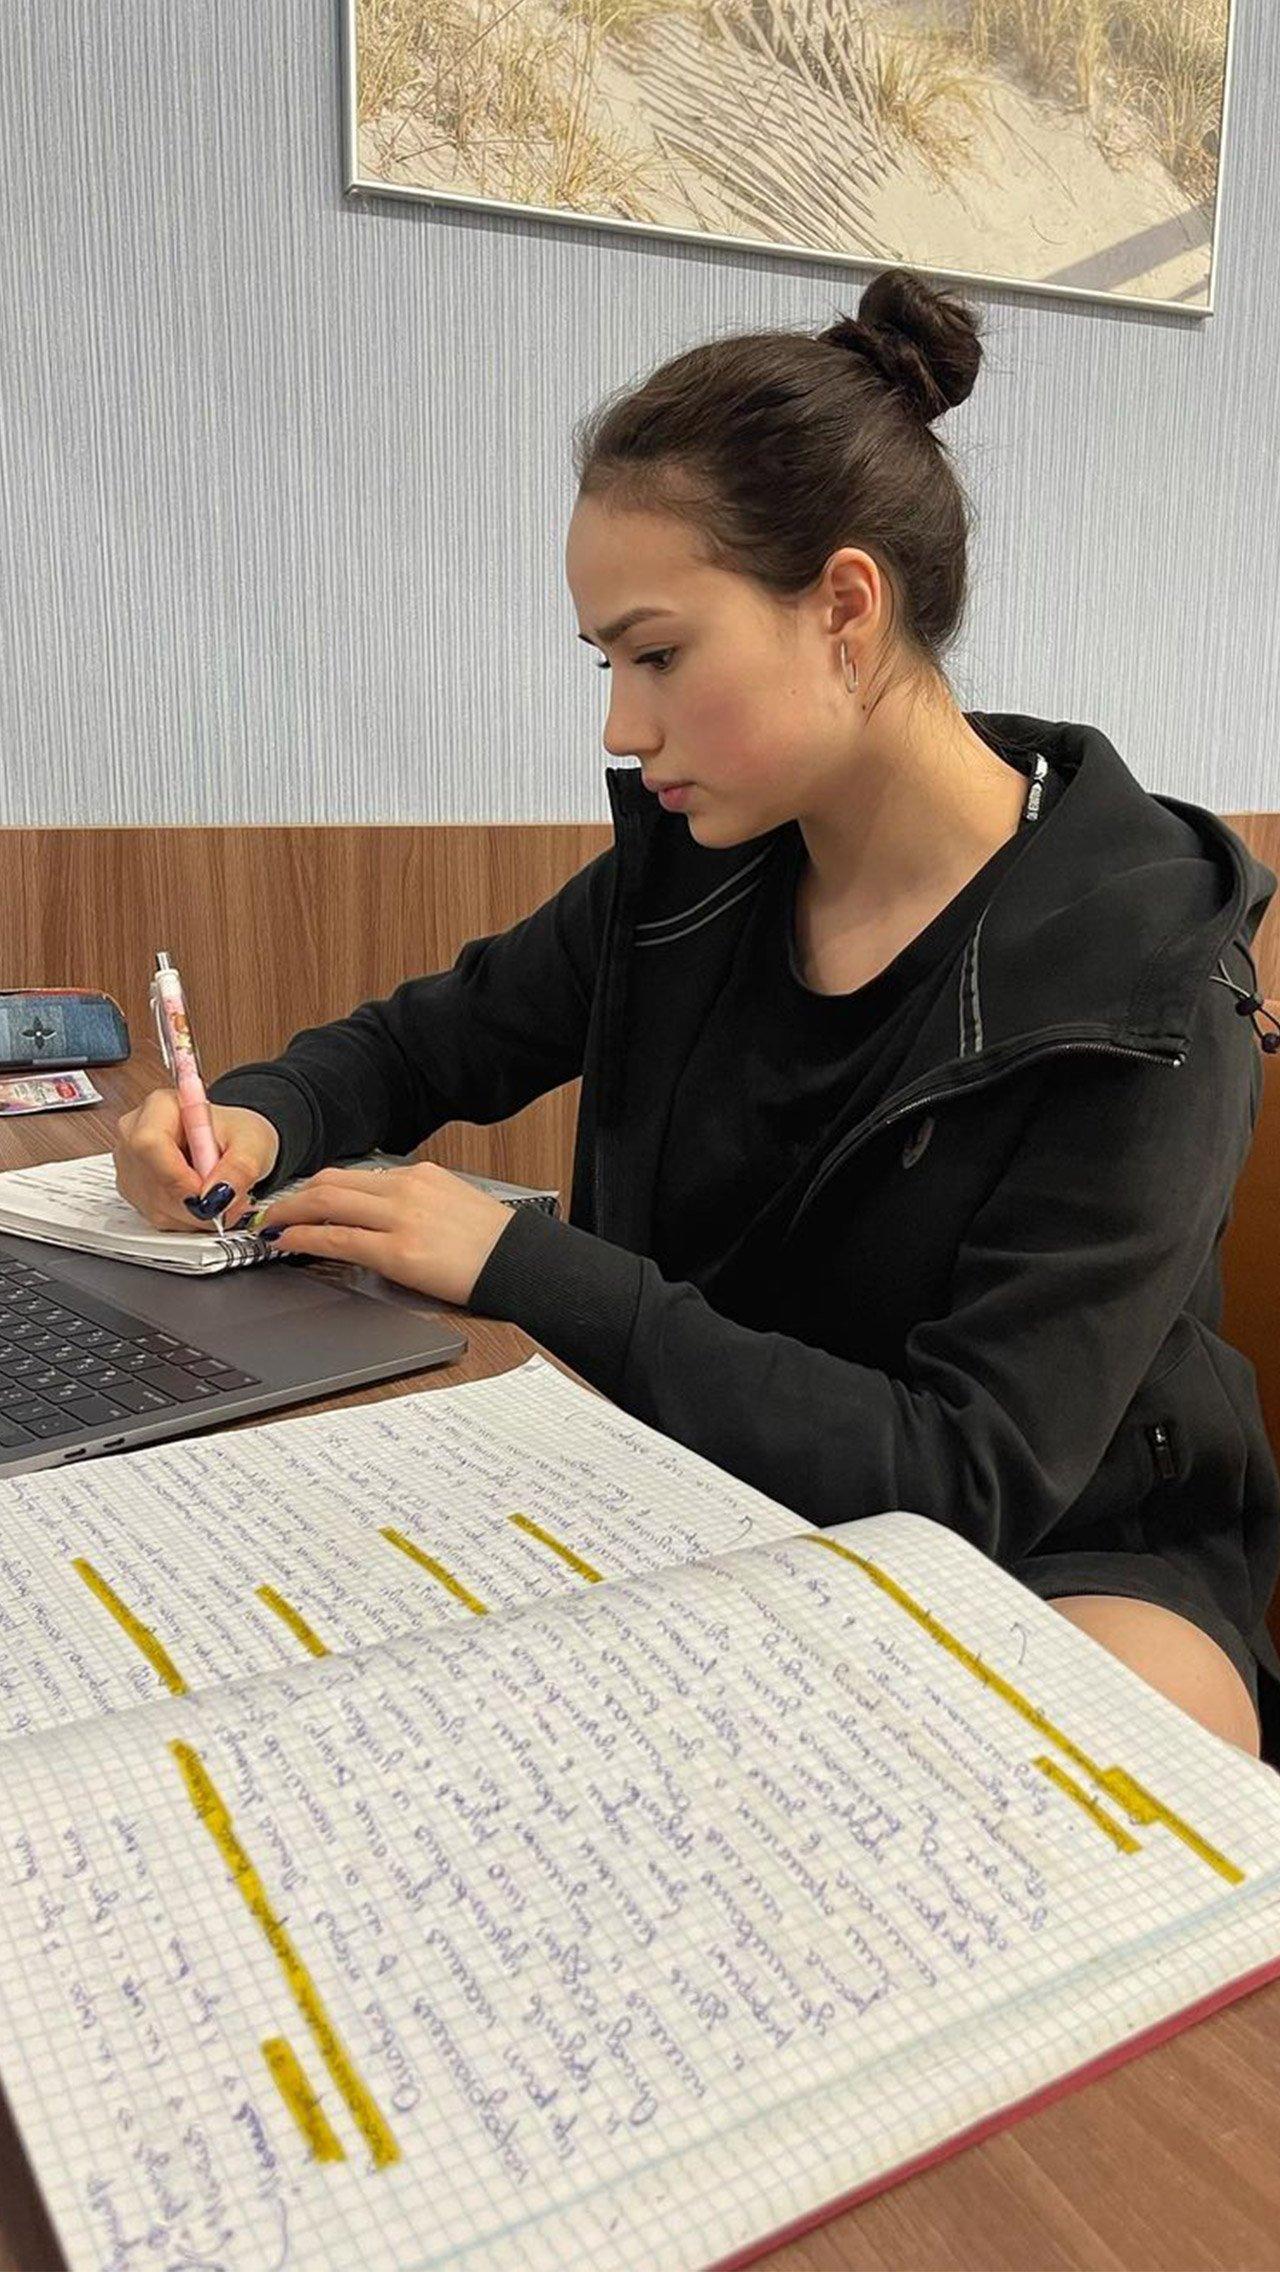 Многие сомневаются, что Загитова сможет уделять достаточное внимание учёбе. «Скоро академиком станет», — иронизируют болельщики.